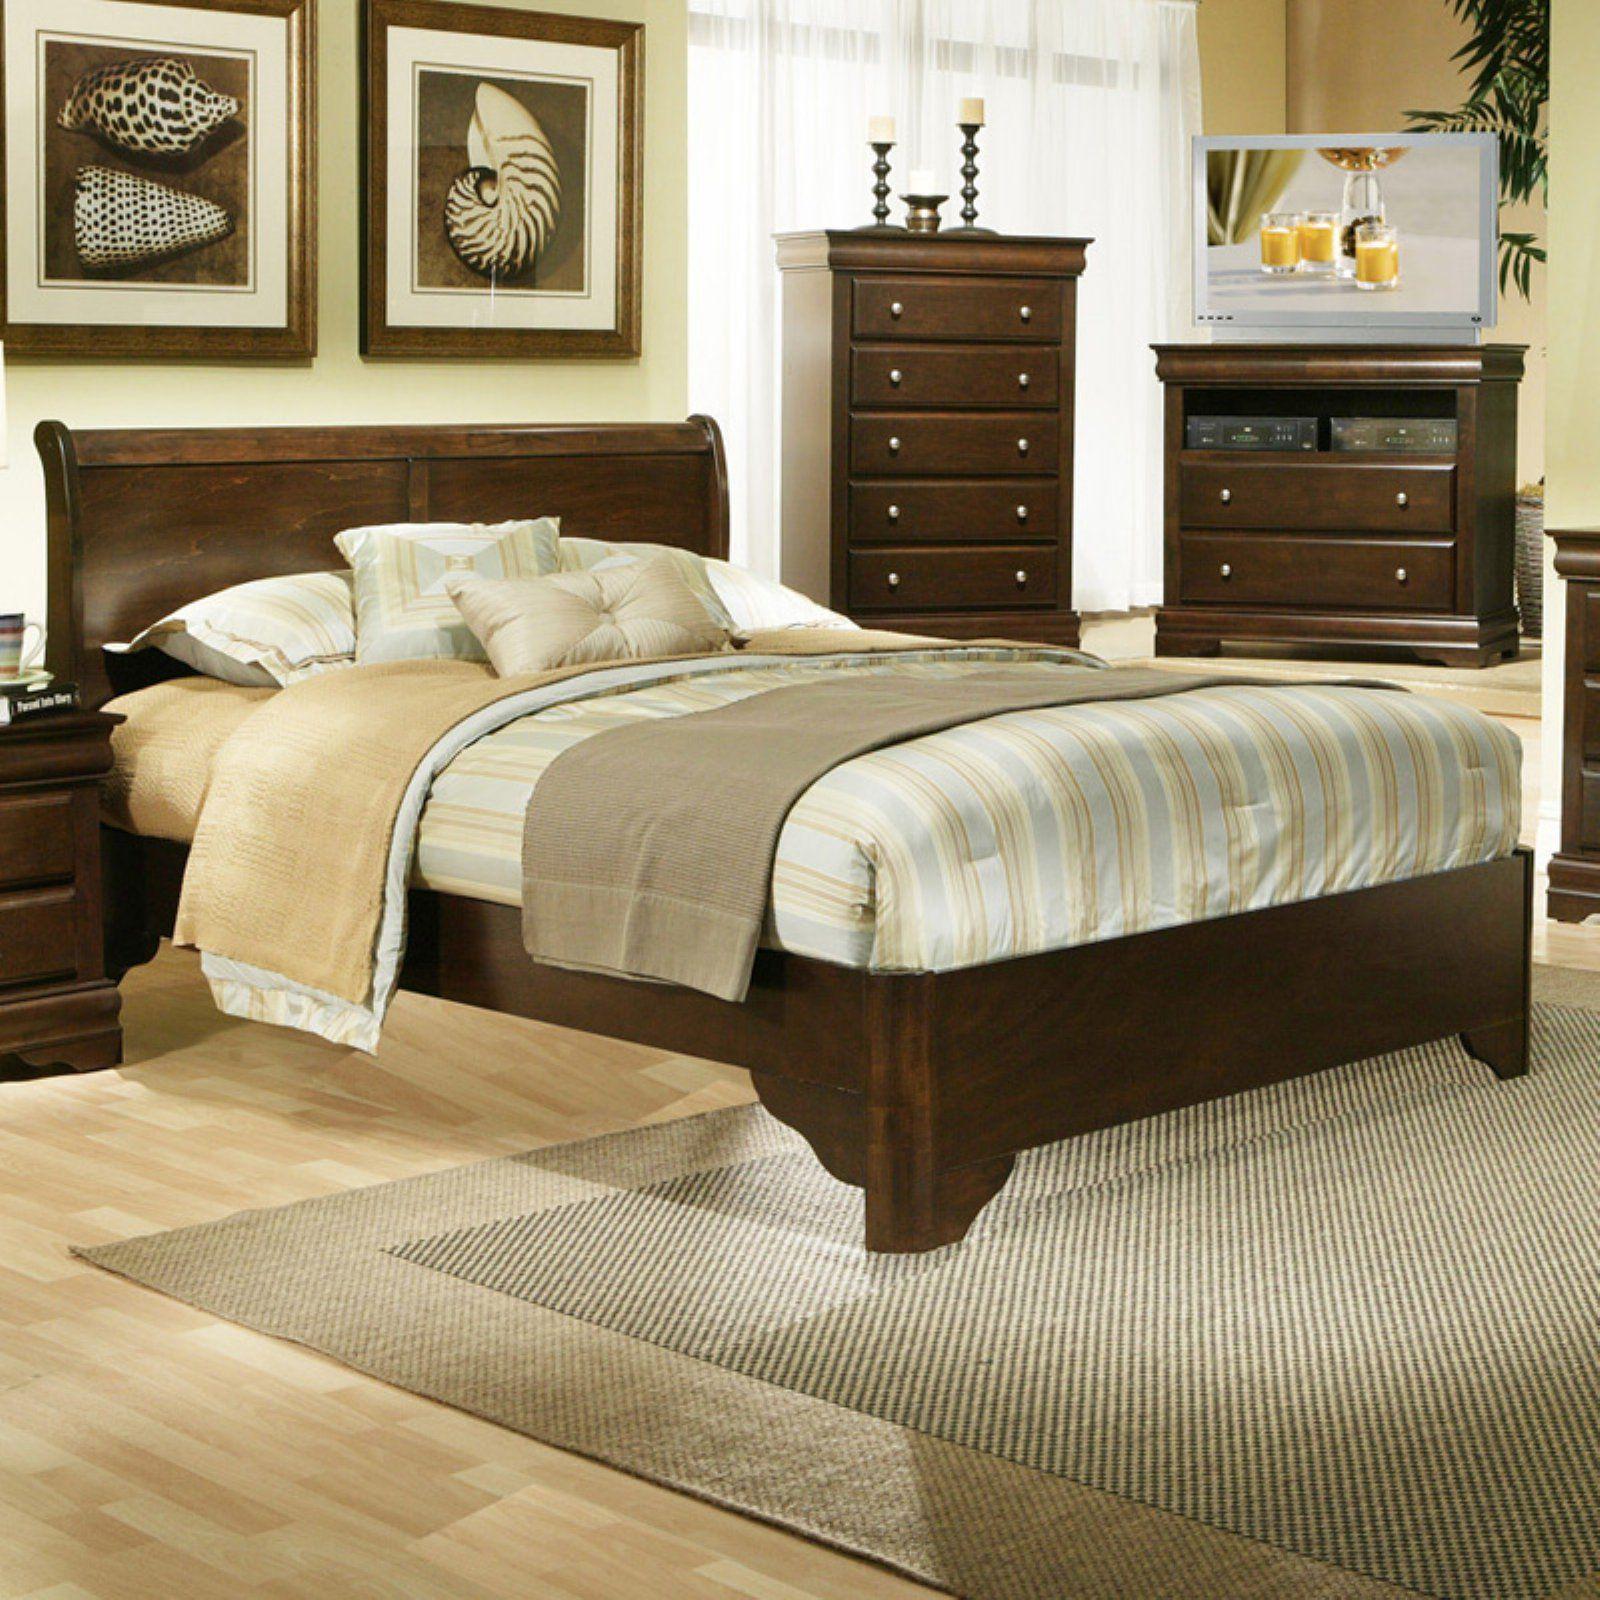 Alpine Furniture Chesapeake Sleigh Bed Alpine furniture